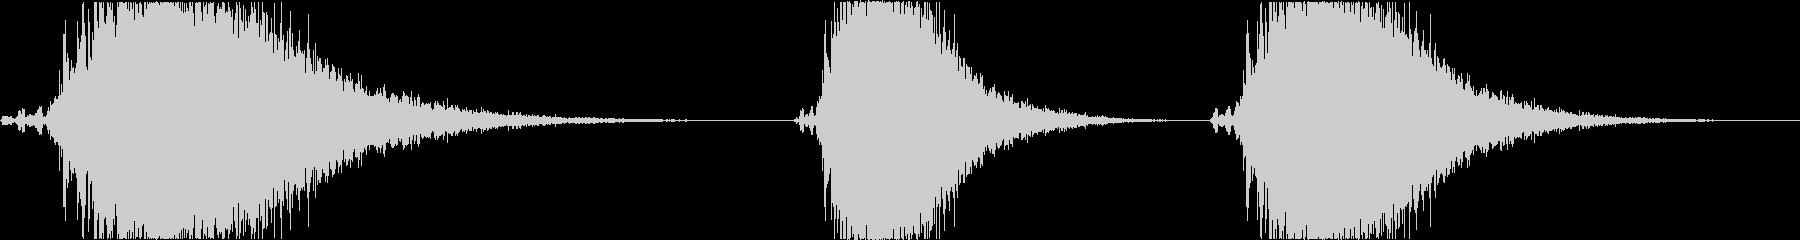 成長するブラストフーシュ、3バージ...の未再生の波形